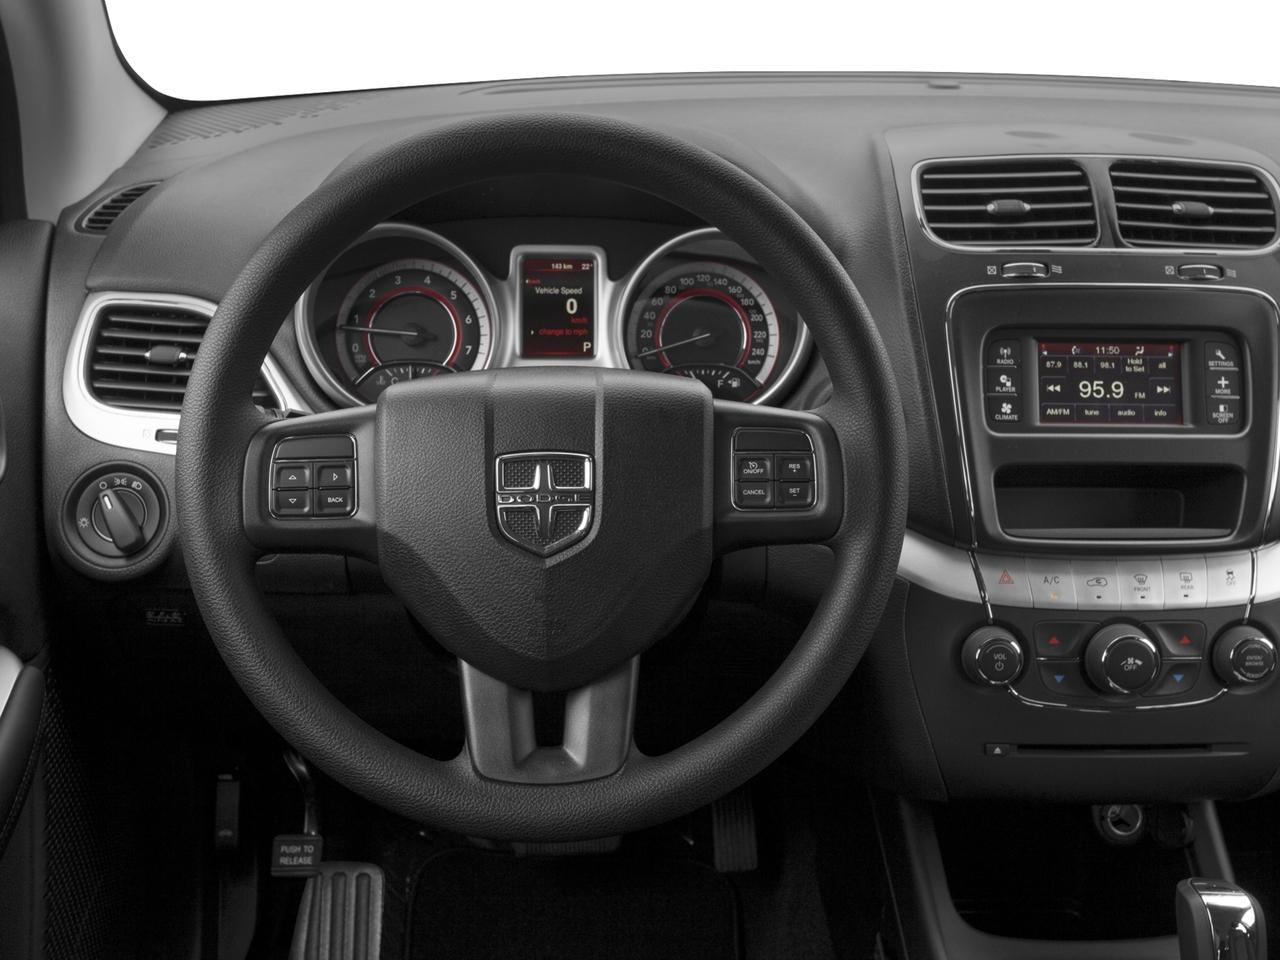 2016 Dodge Journey Vehicle Photo in Greensboro, NC 27405